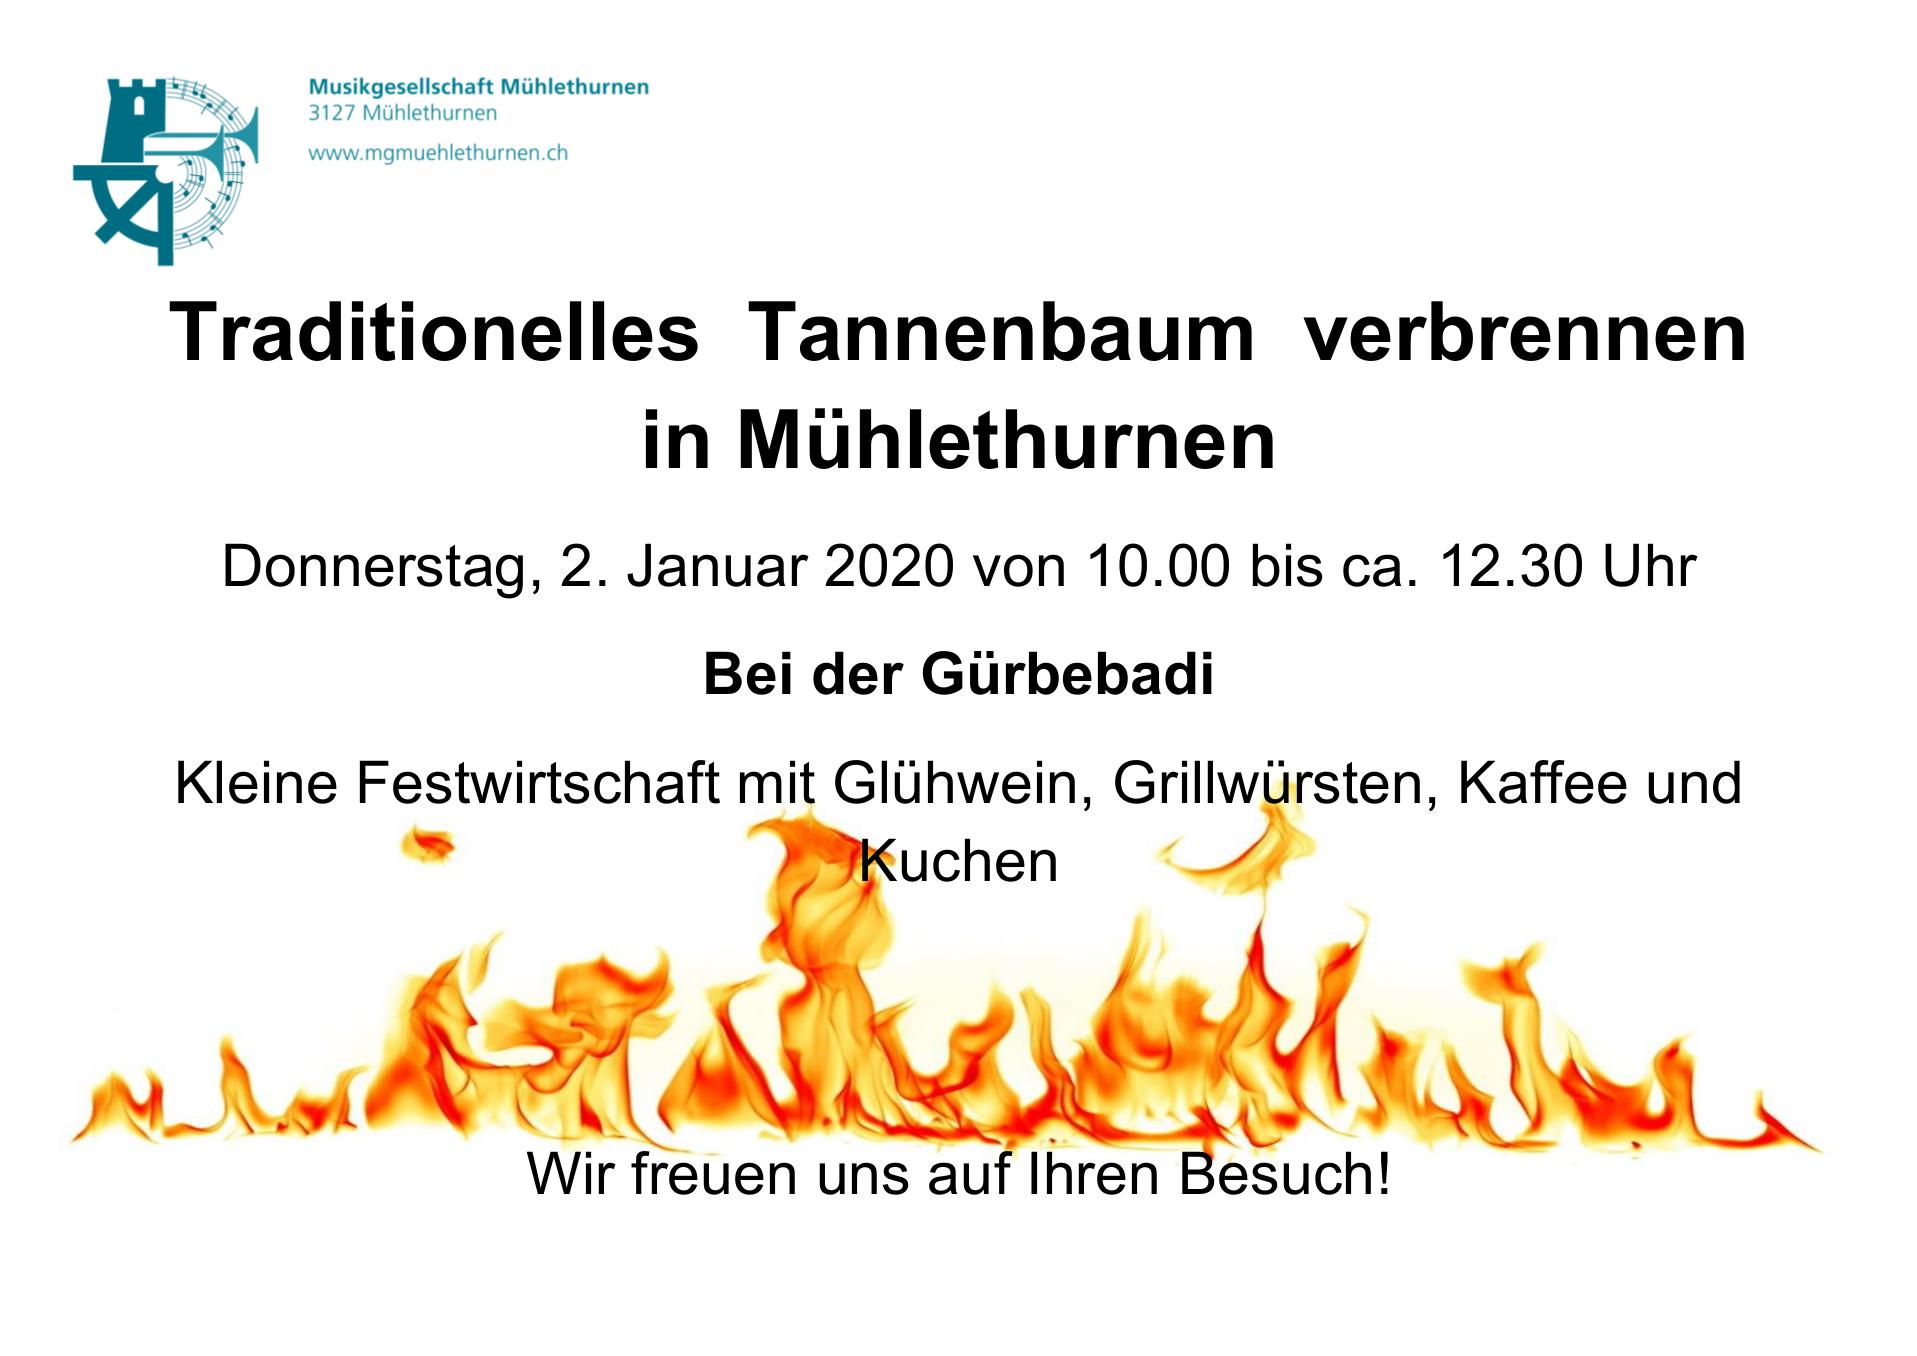 Traditionelles Tannenbaum verbrennen in Mühlethurnen Donnerstag, 2. Januar 2020 von 10.00 bis ca. 12.30 Uhr Bei der Gürbebadi. Kleine Festwirtschaft mit Glühwein, Grillwürsten, Kaffee und Kuchen. Wir freuen uns auf Ihren Besuch!